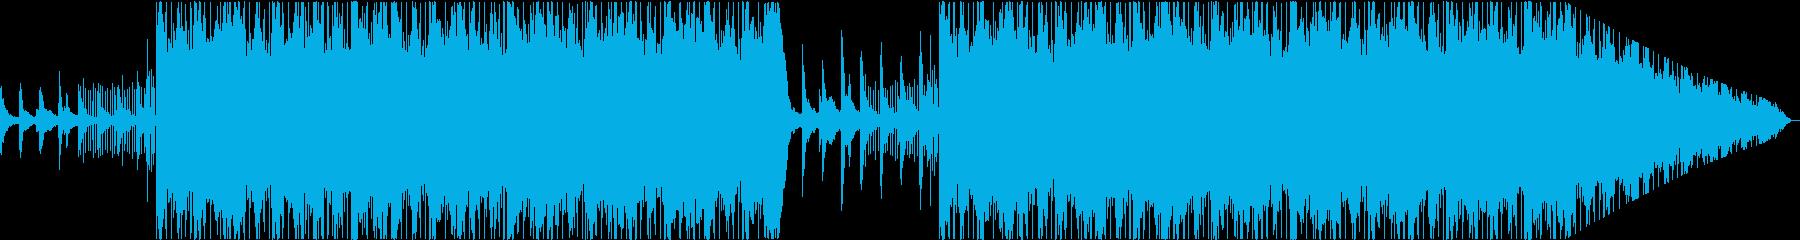 静かな深夜にぴったりなLofiピアノ楽曲の再生済みの波形